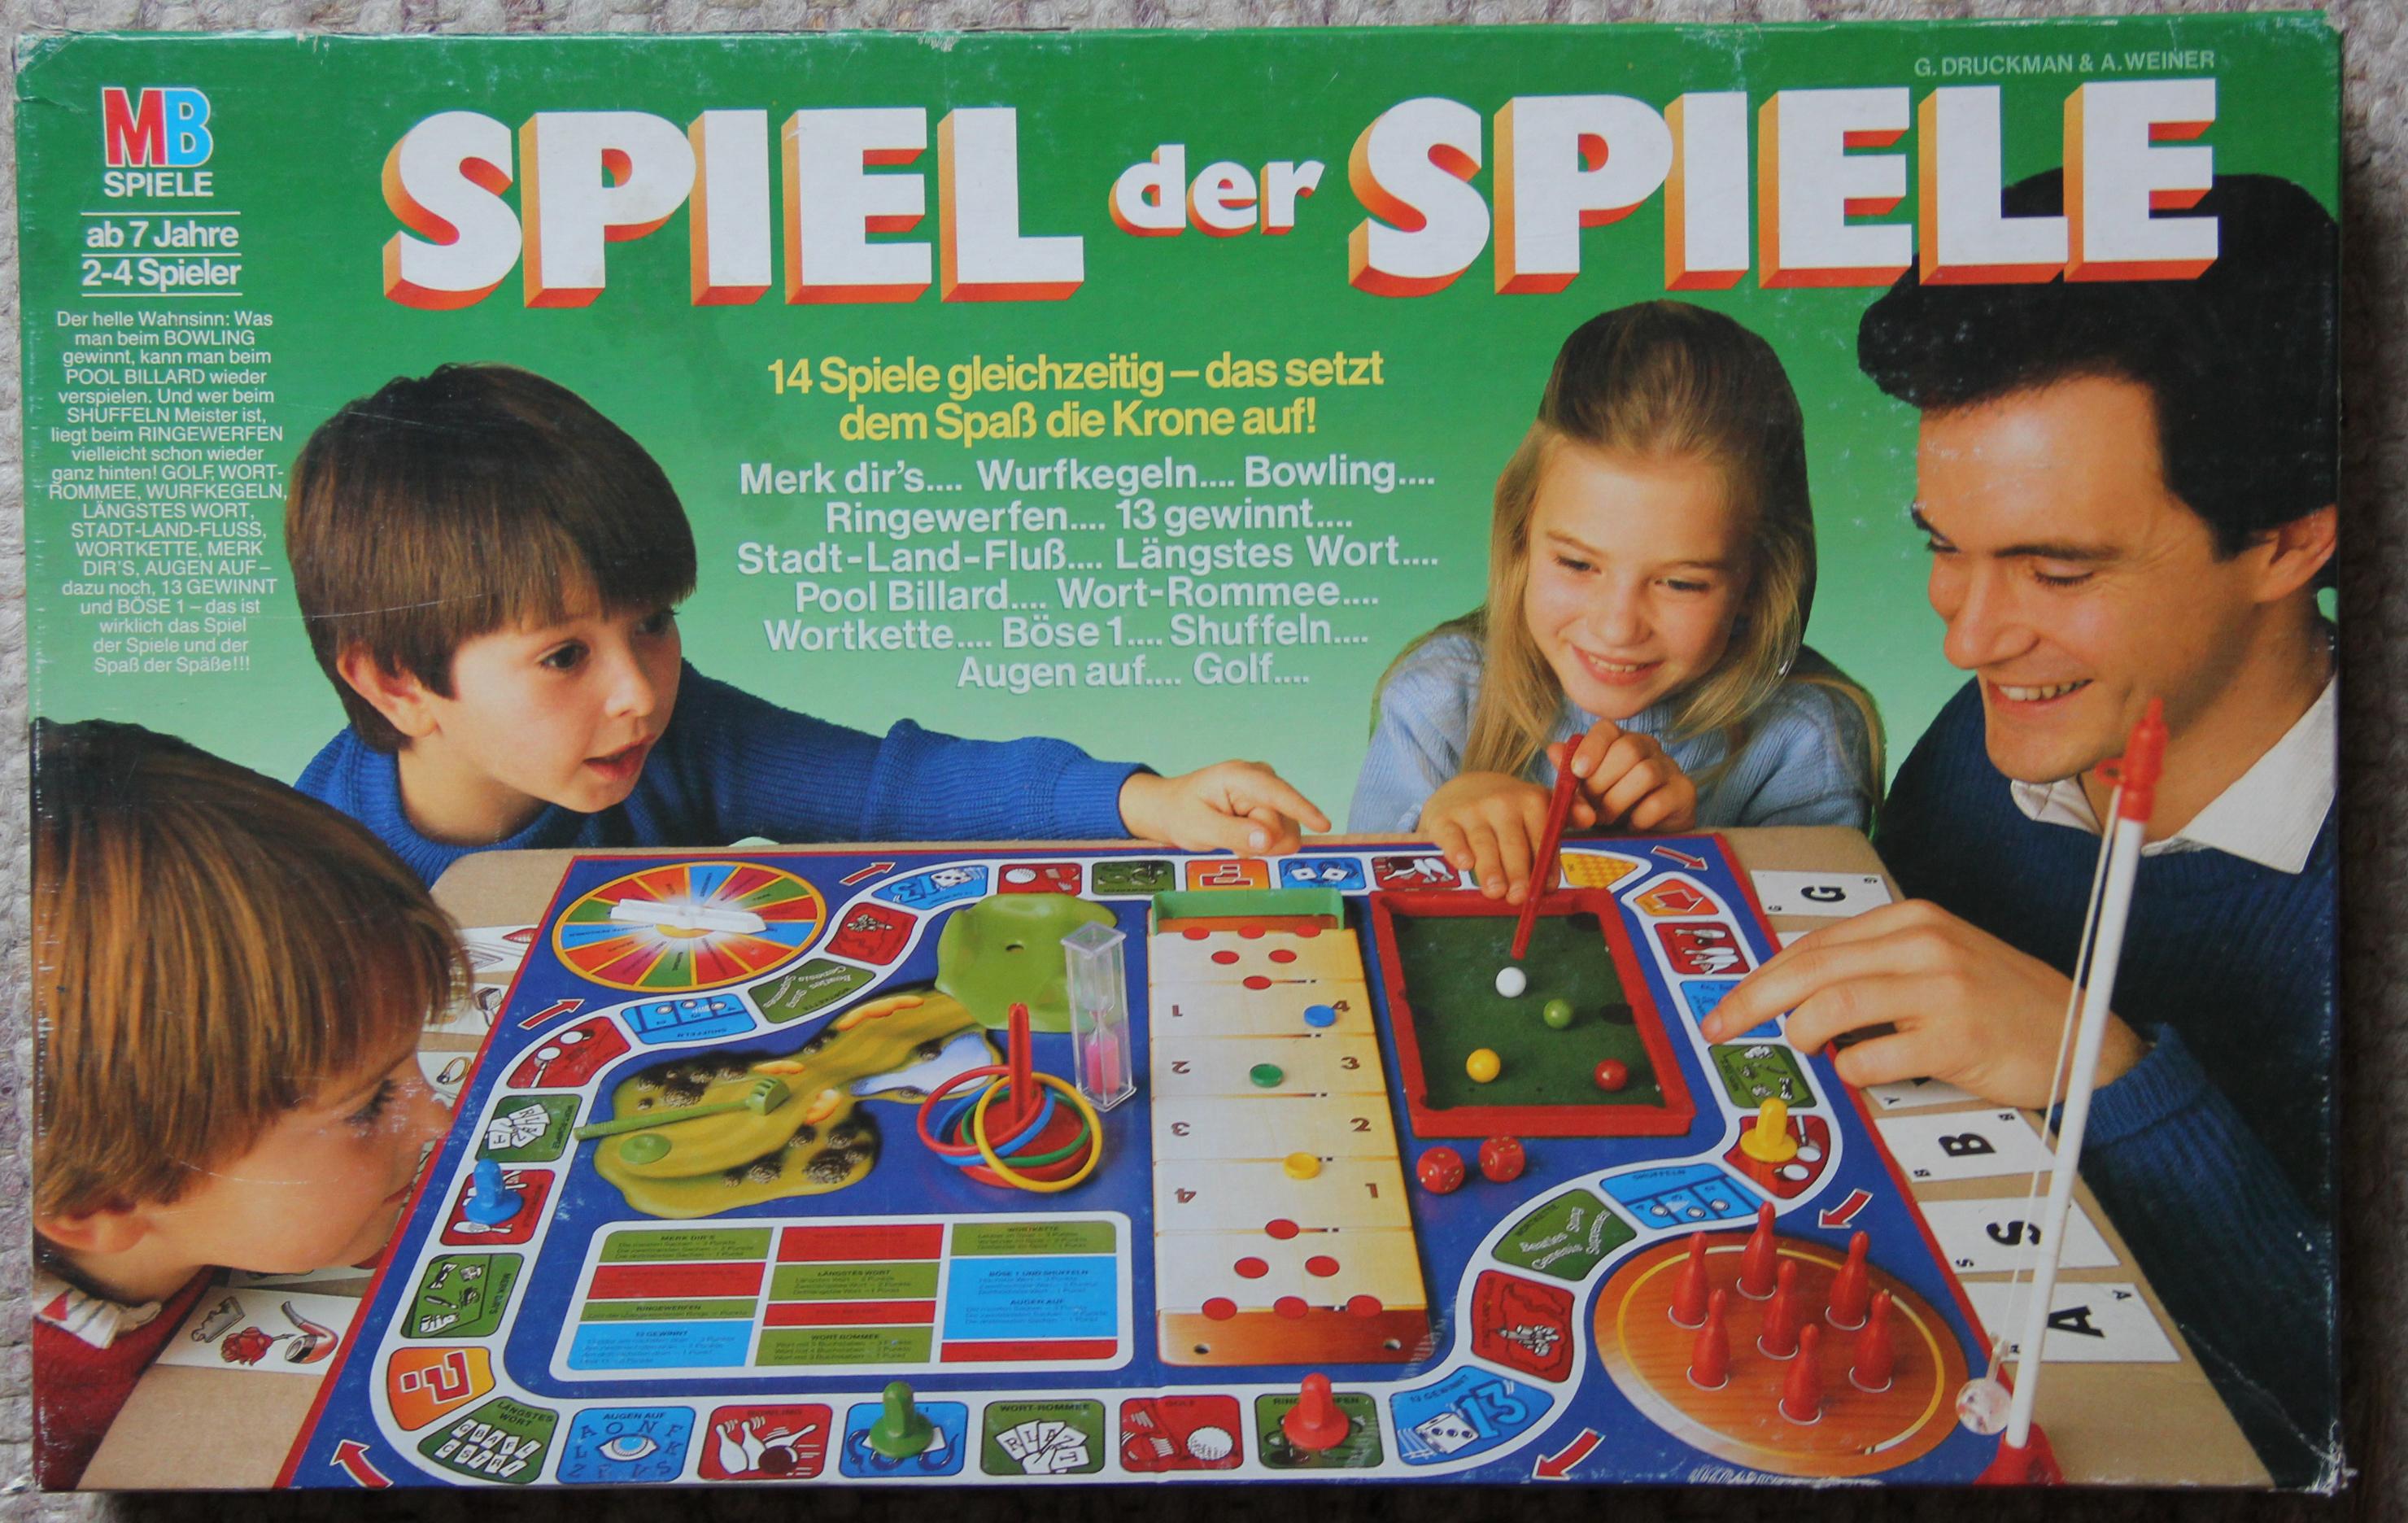 Spiele Zu Spielen